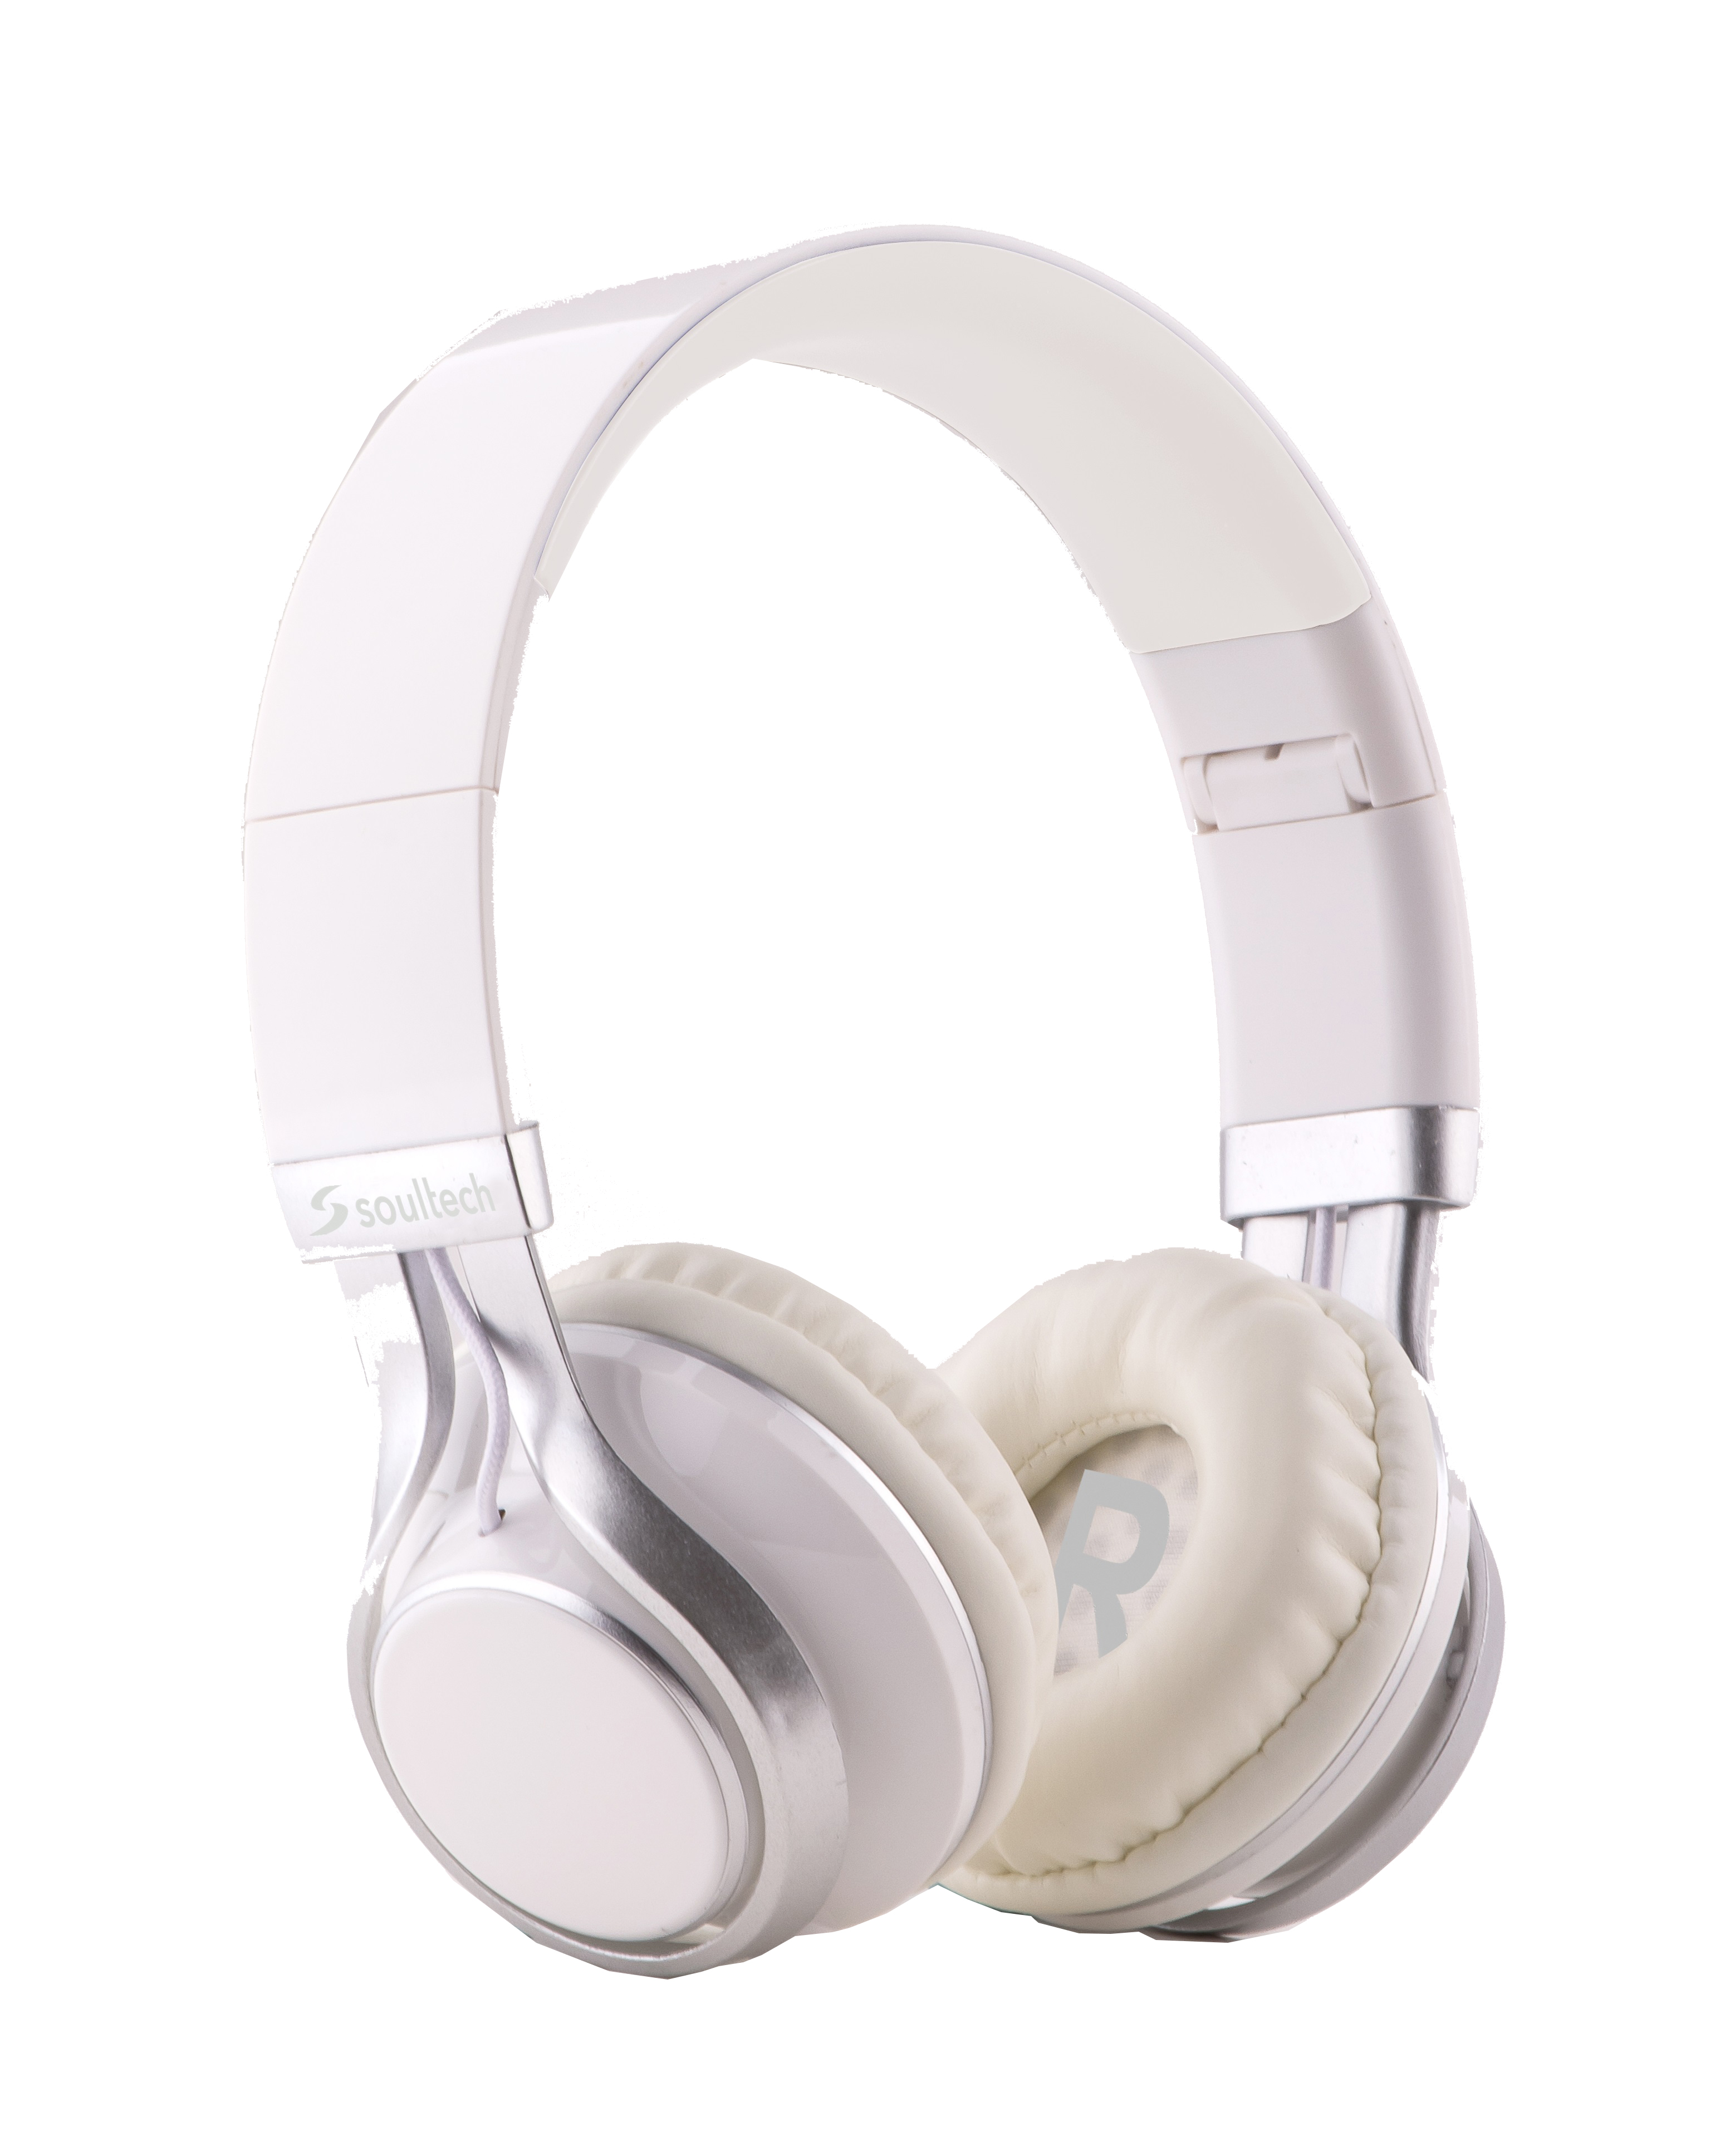 Soultech Soulbass (Mikrofonlu) Beyaz-Gümüş Solo Kulaklık SK203BG  Beyaz